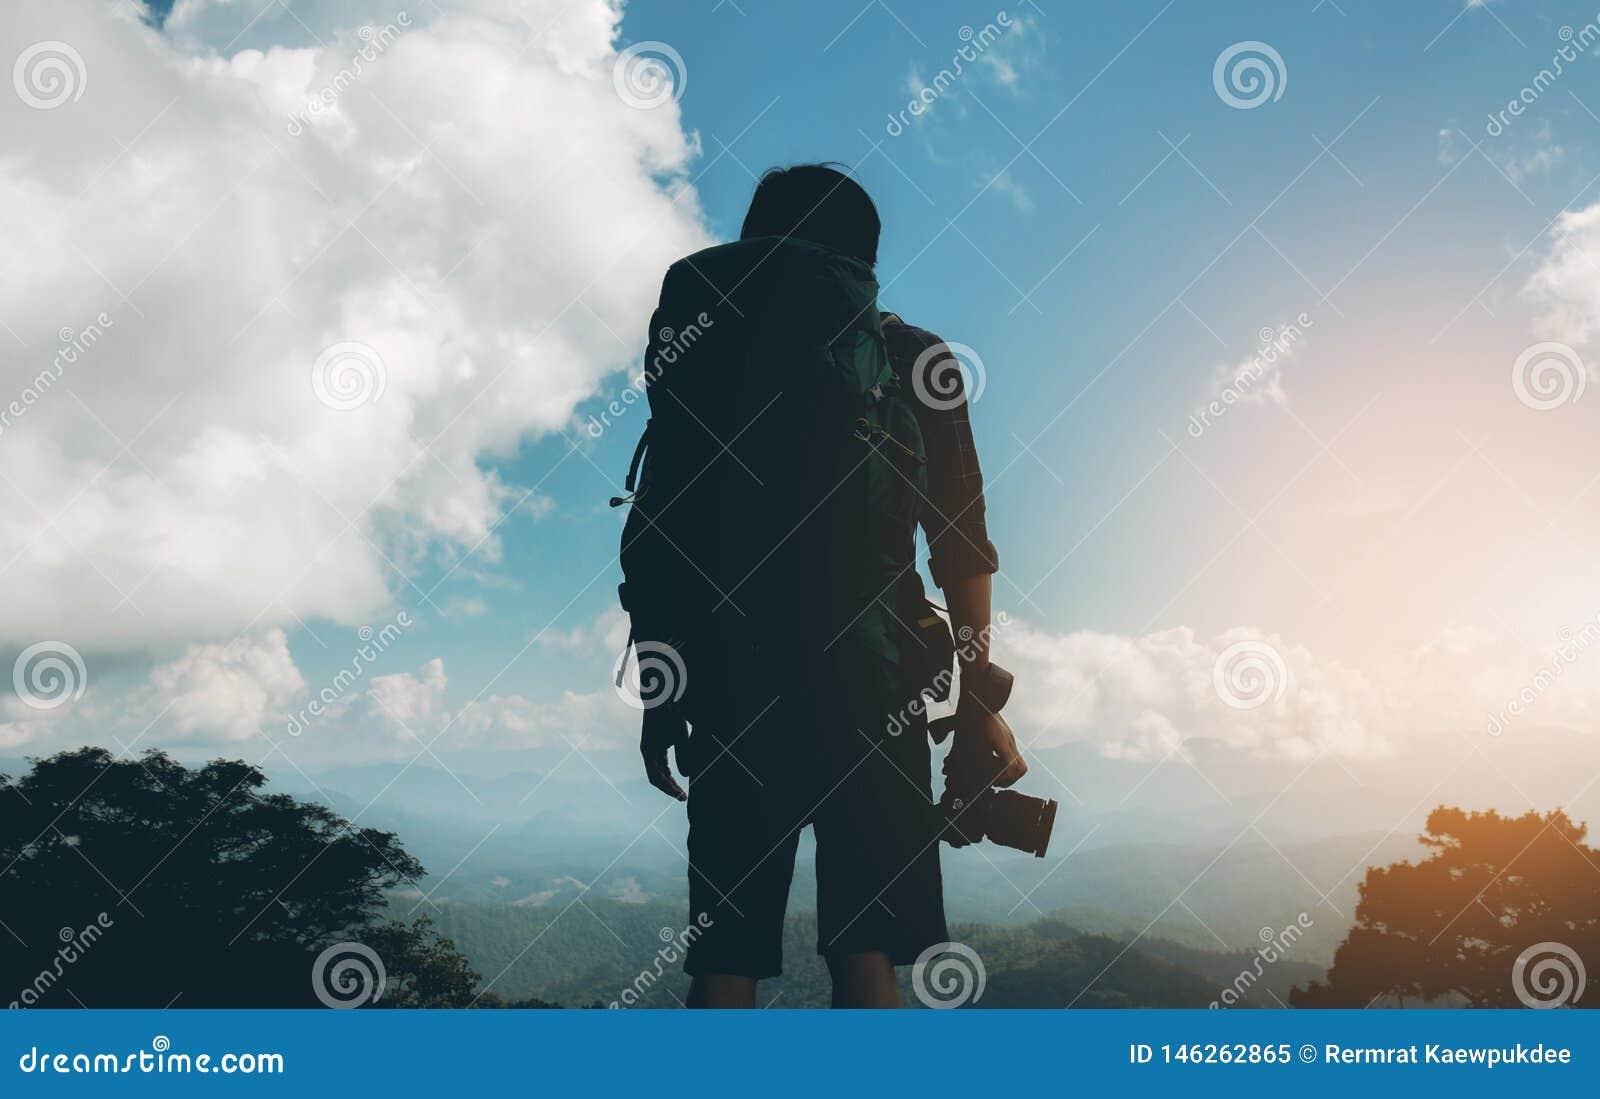 Fotograf podróżnik przy zmierzchem